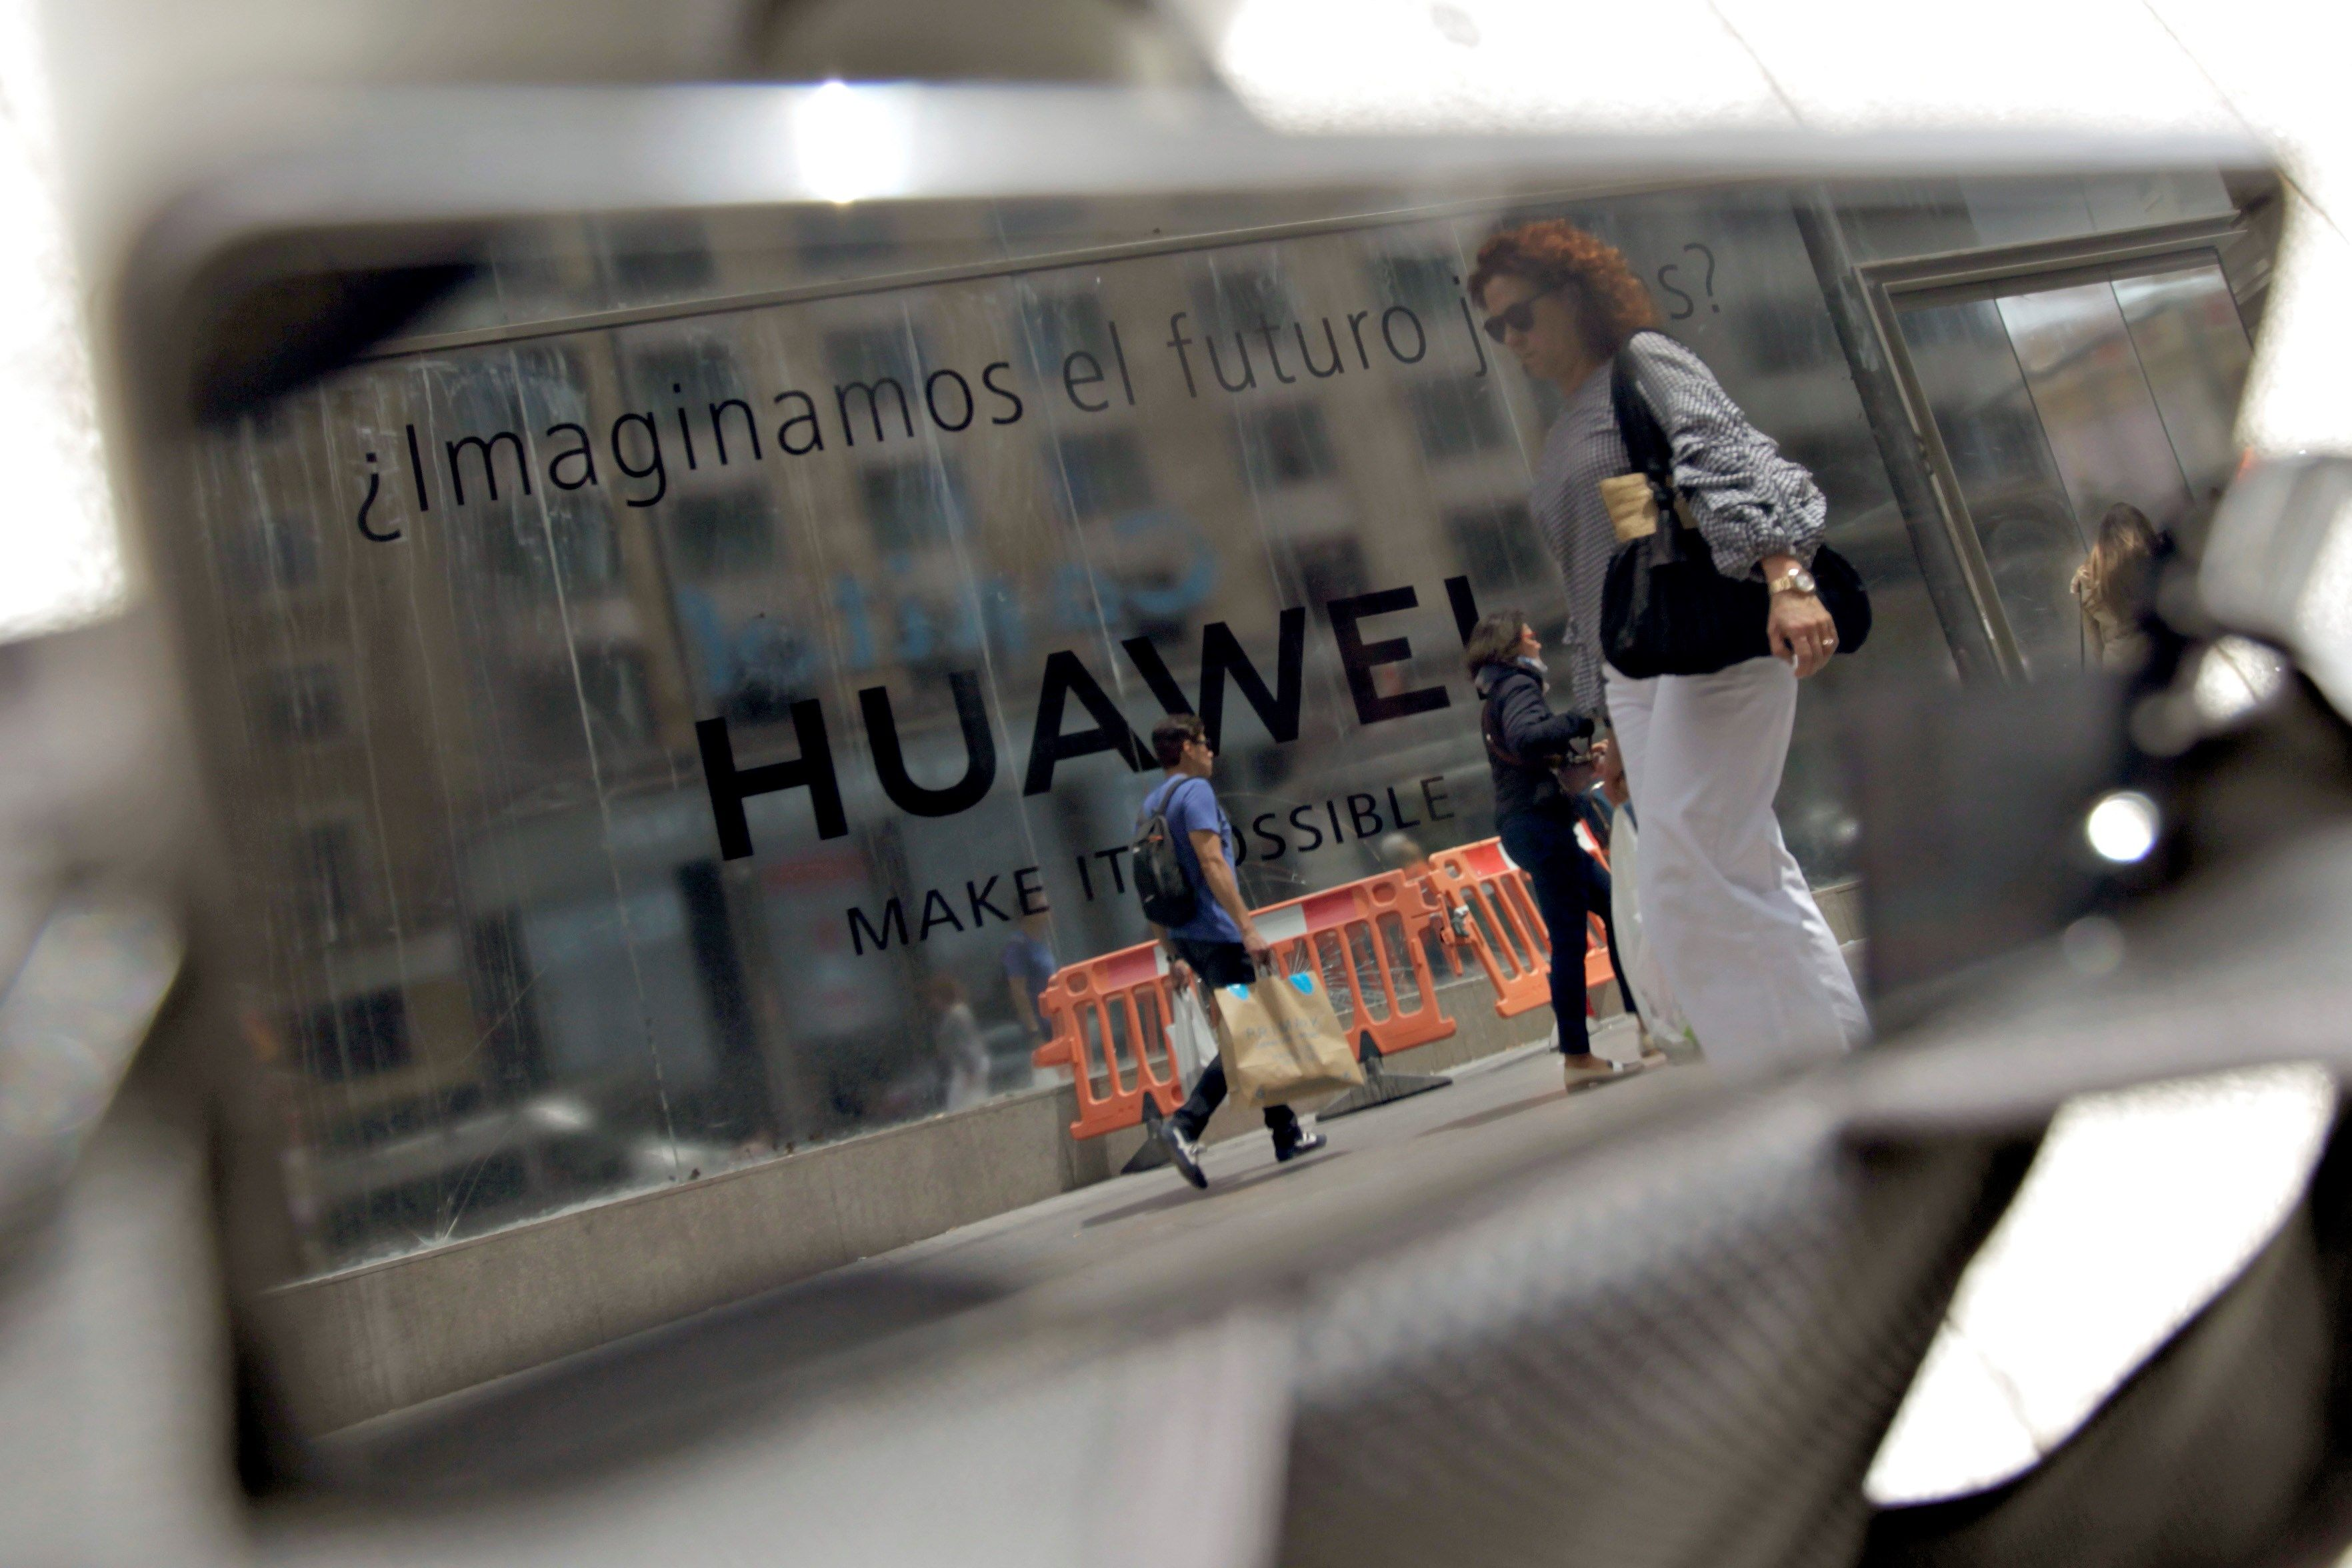 La empresa Huawei mantiene el lanzamiento de su primer móvil con pantalla plegable, para junio, pese al anuncio de Google y otras tecnológicas estadounidenses de dejar de vender componentes y software al gigante chino. (Foto Prensa Libre: EFE)